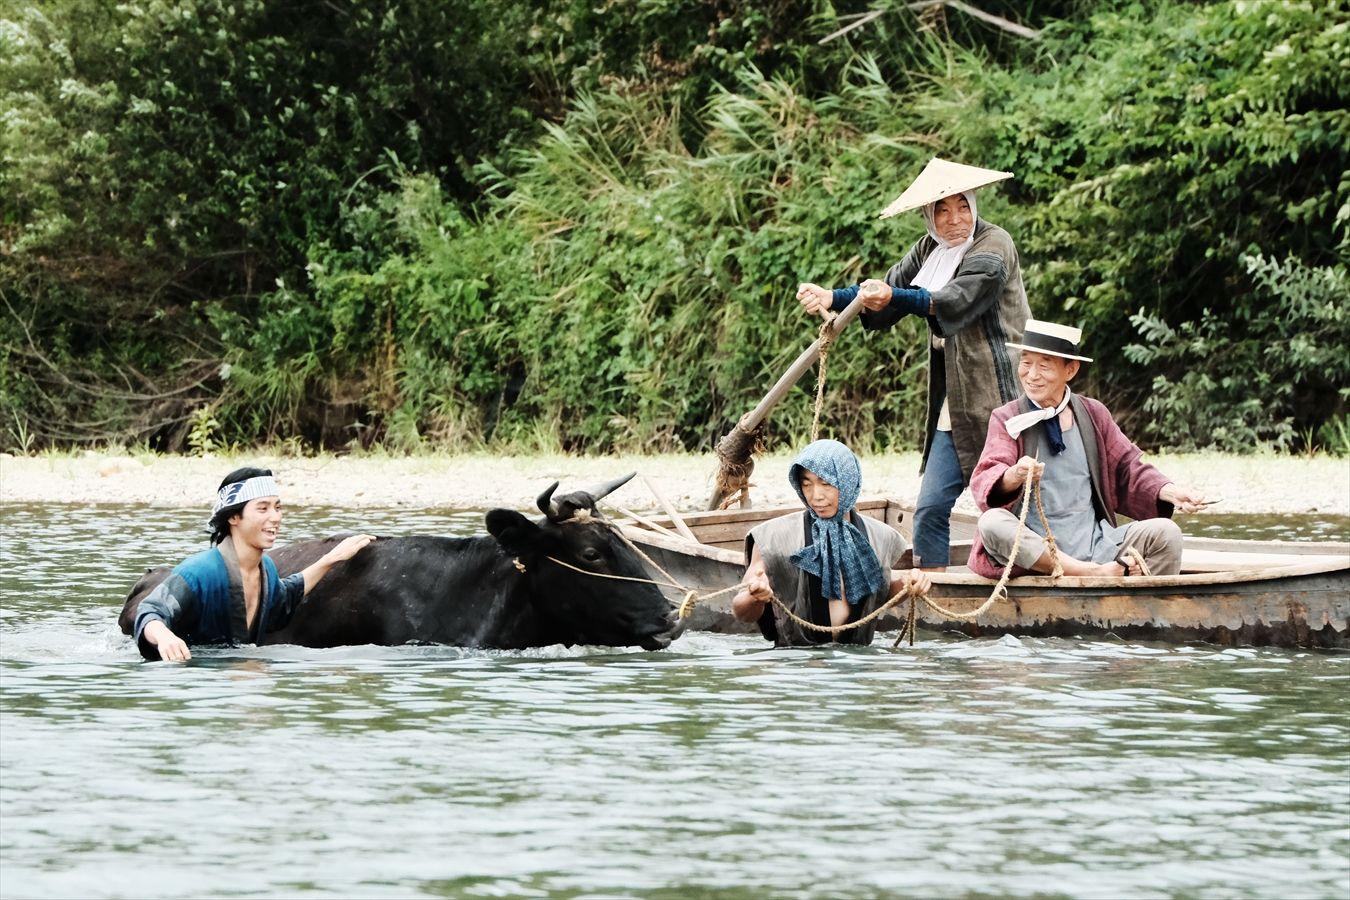 《從》講柄本明飾演的船夫每日載著村民出入村鎮之間的河流,一天開發的洪流以及河上飄流的少女,令他平靜人生掀起波瀾。